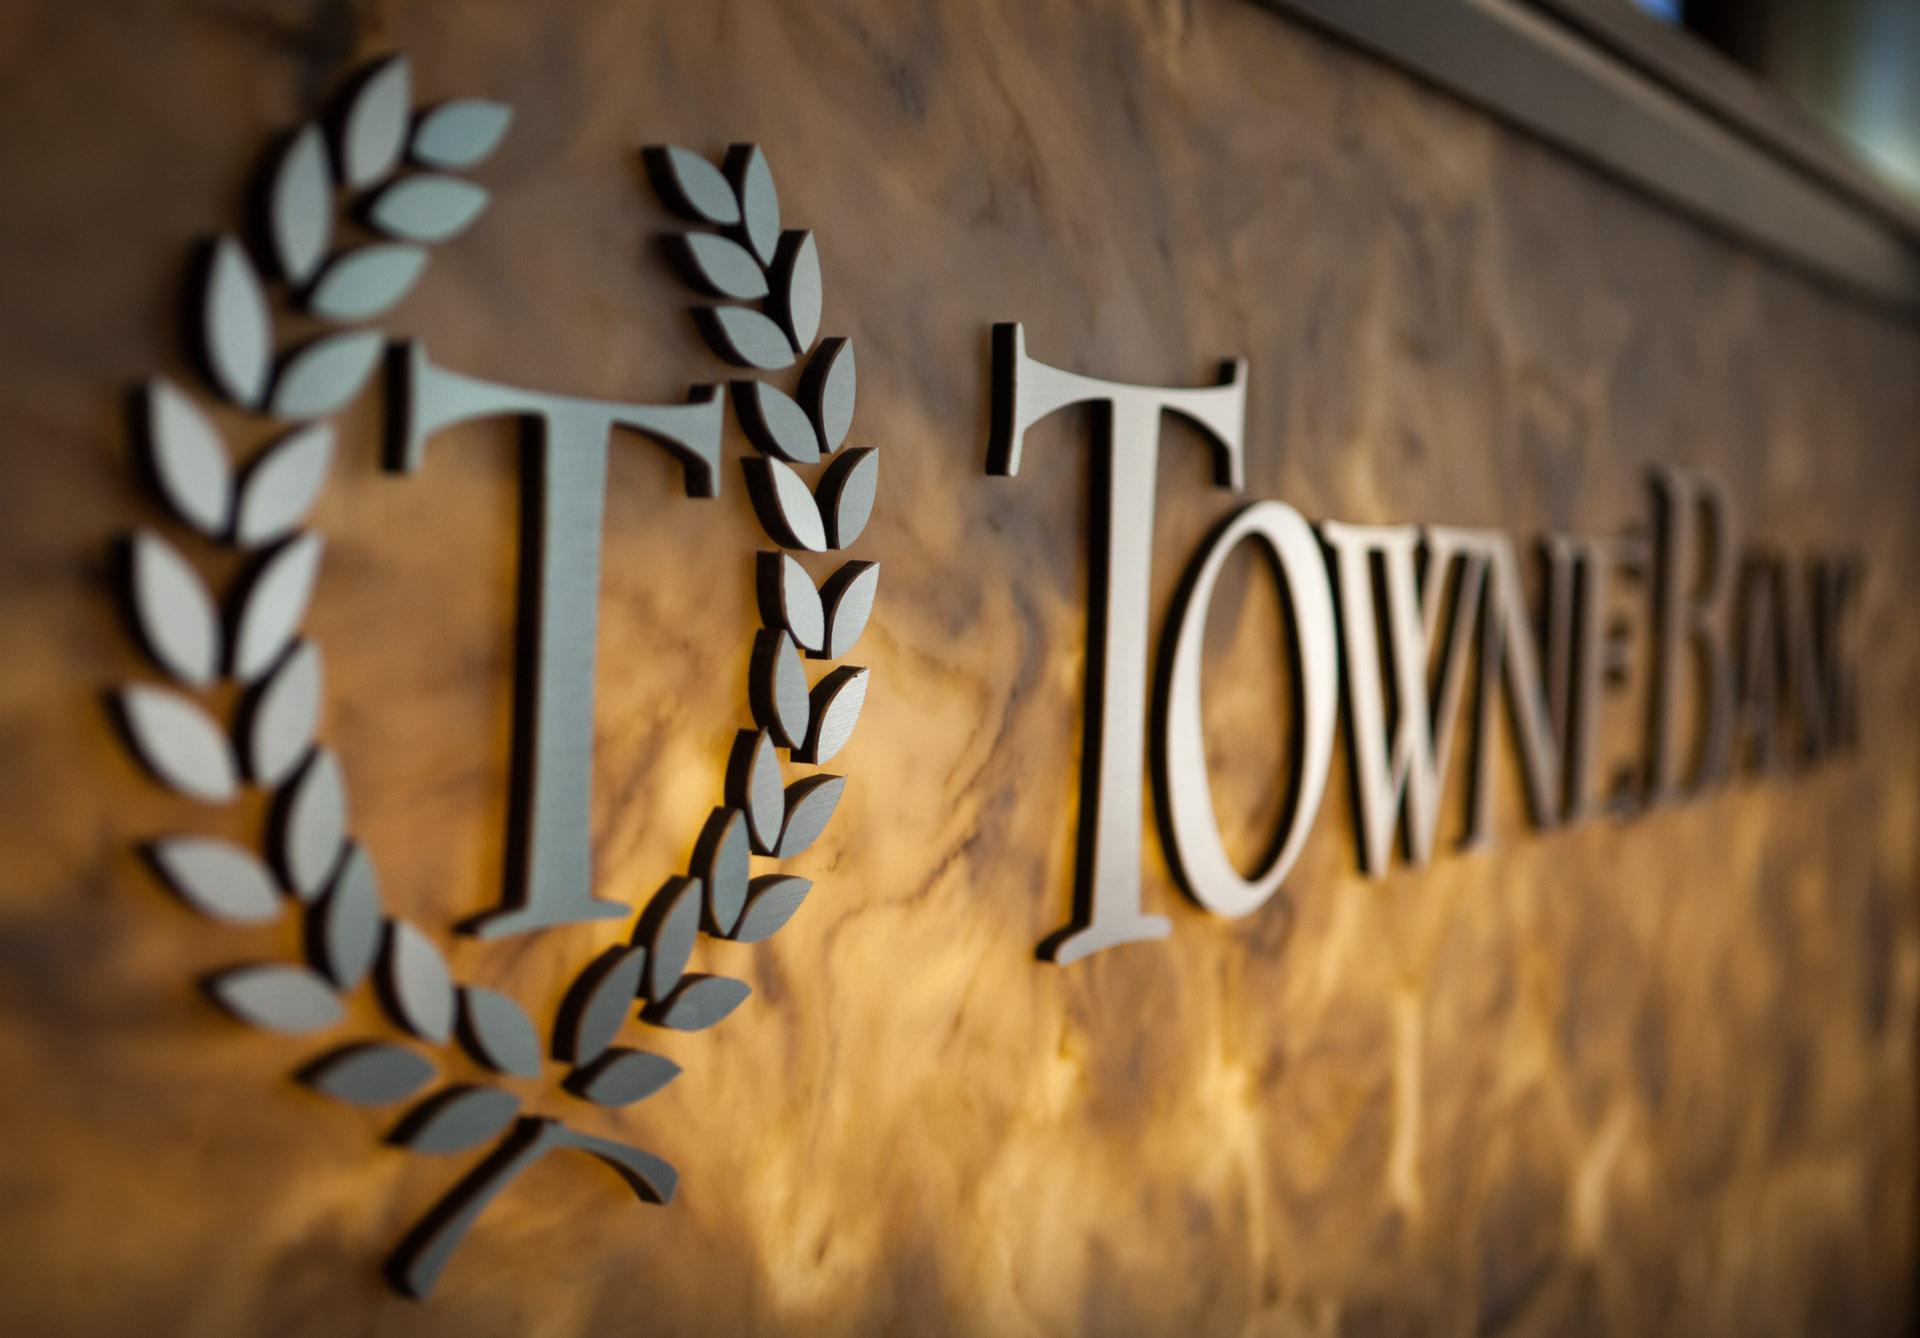 Towne Bank Gateway Plaza